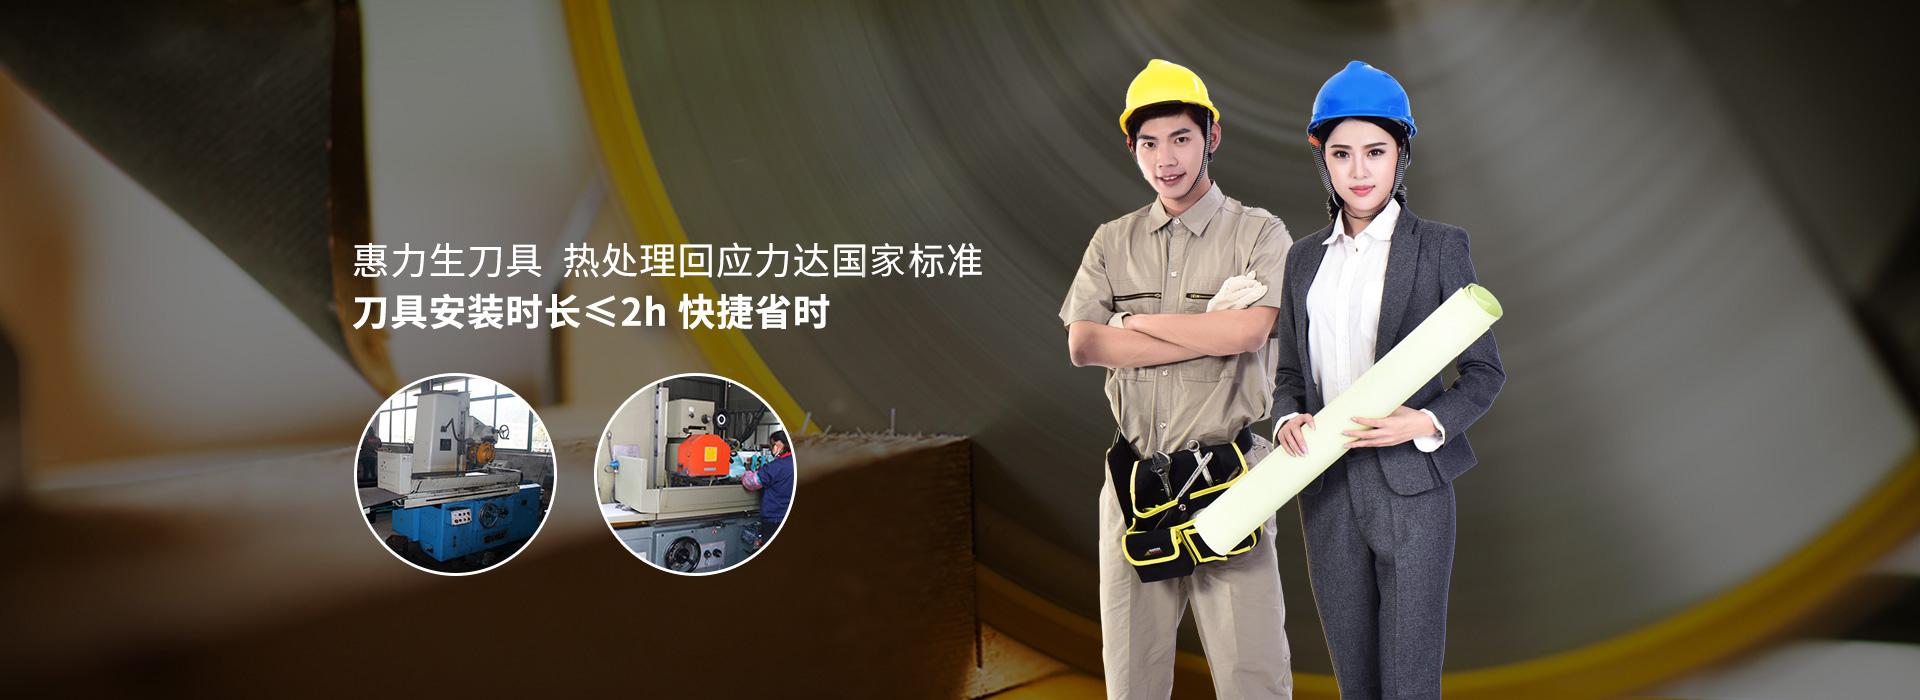 惠力生刀具  热处理回应力达国内外标准  刀具安装时长≤2h 快捷省时